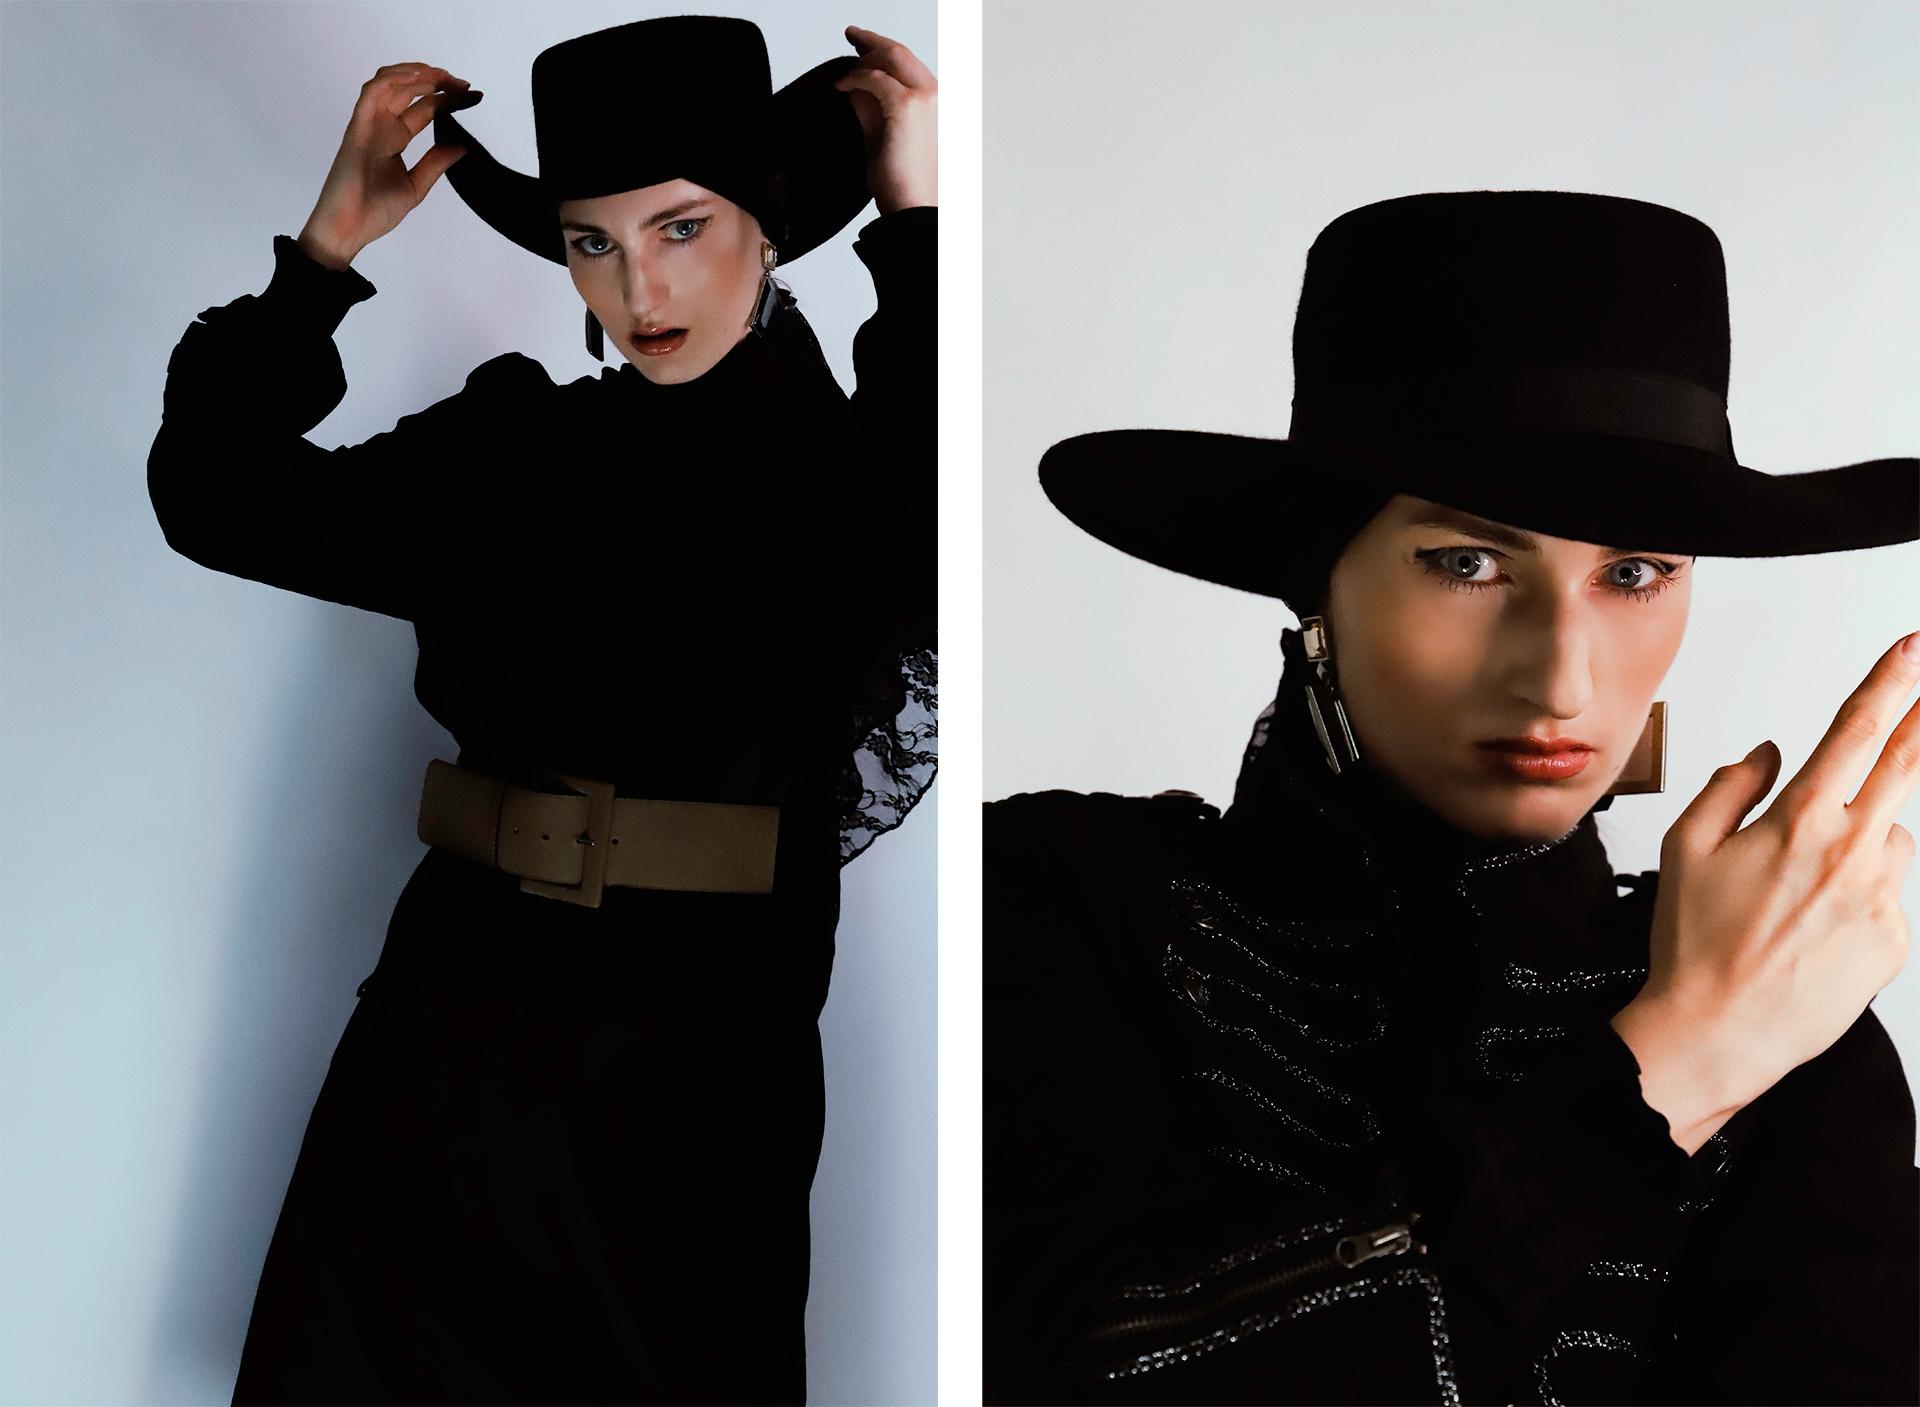 Obraz przedstawia dwa zdjęcia kobiety ubranej w czarny strój i czarny kapelusz. Zdjęcie z prawej strony przedstawia zbliżenie portretowe.